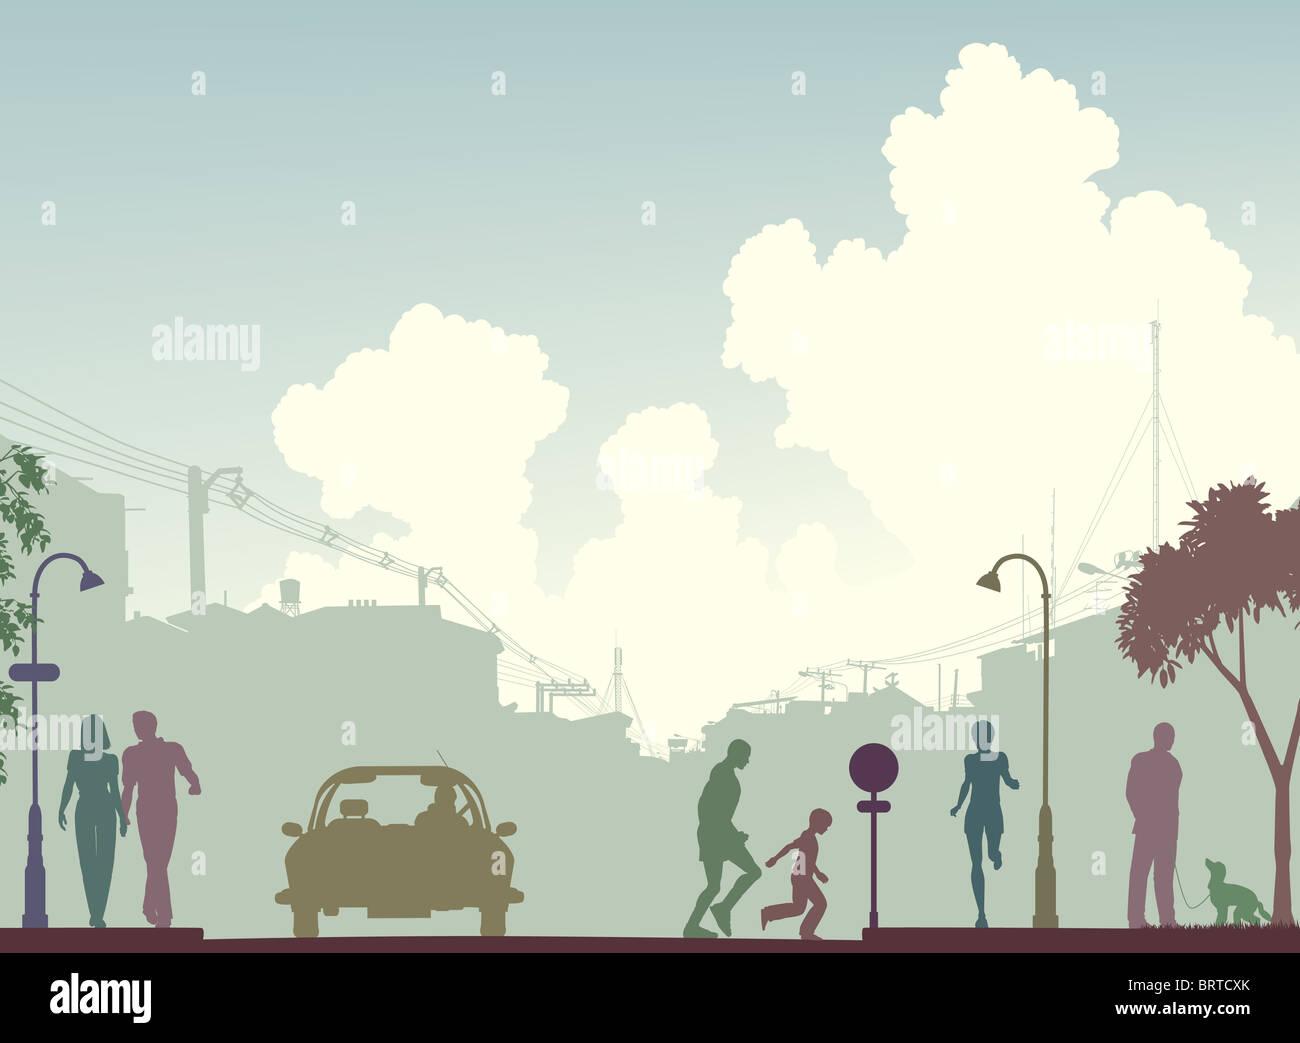 Se ilustra la silueta de una calle transitada con espacio de copia Imagen De Stock